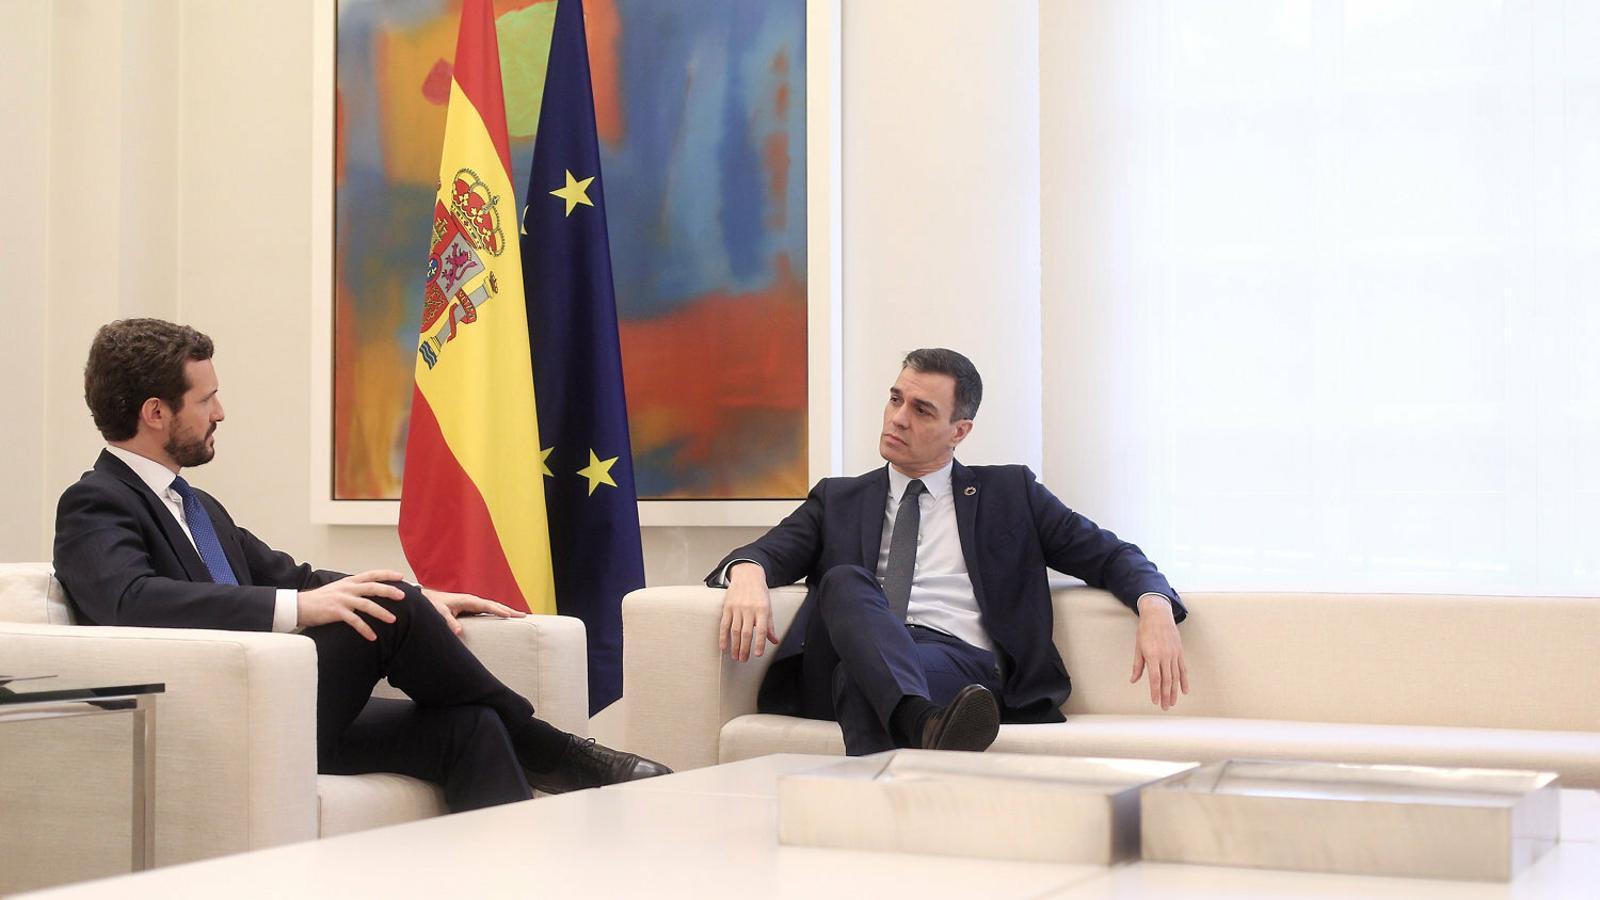 El govern espanyol aprova les taxes Google i Tobin, i 454 casos de coronavirus al creuer de Yokohama: les claus del dia, amb Antoni Bassas (18/02/2020)